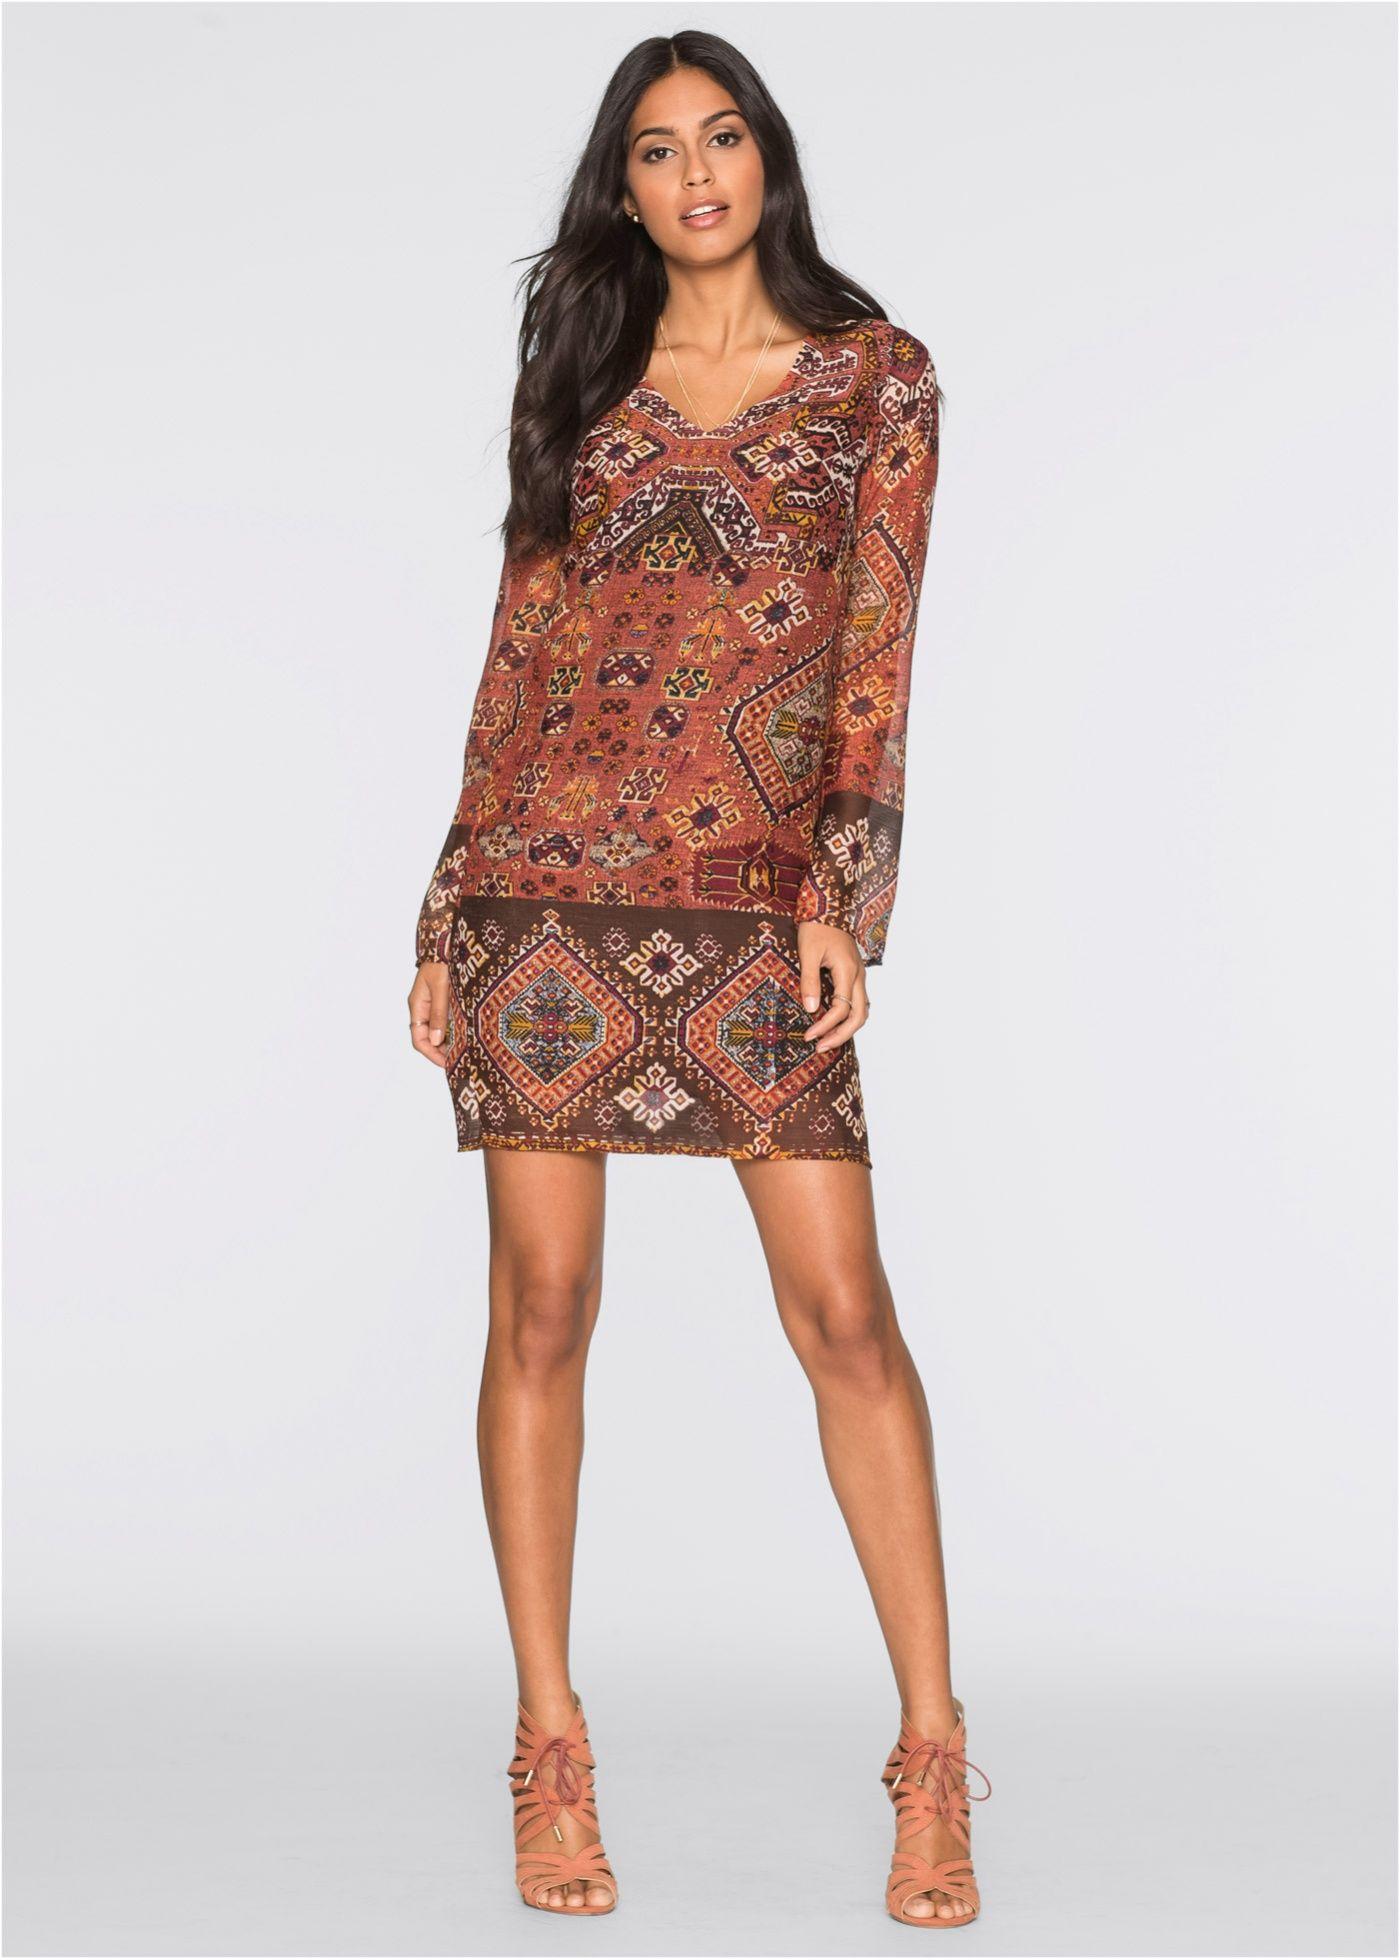 Šaty oranžovo-černo-tmavě hnědý vzorem - BODYFLIRT koupit online -  bonprix.cz c82e7586630